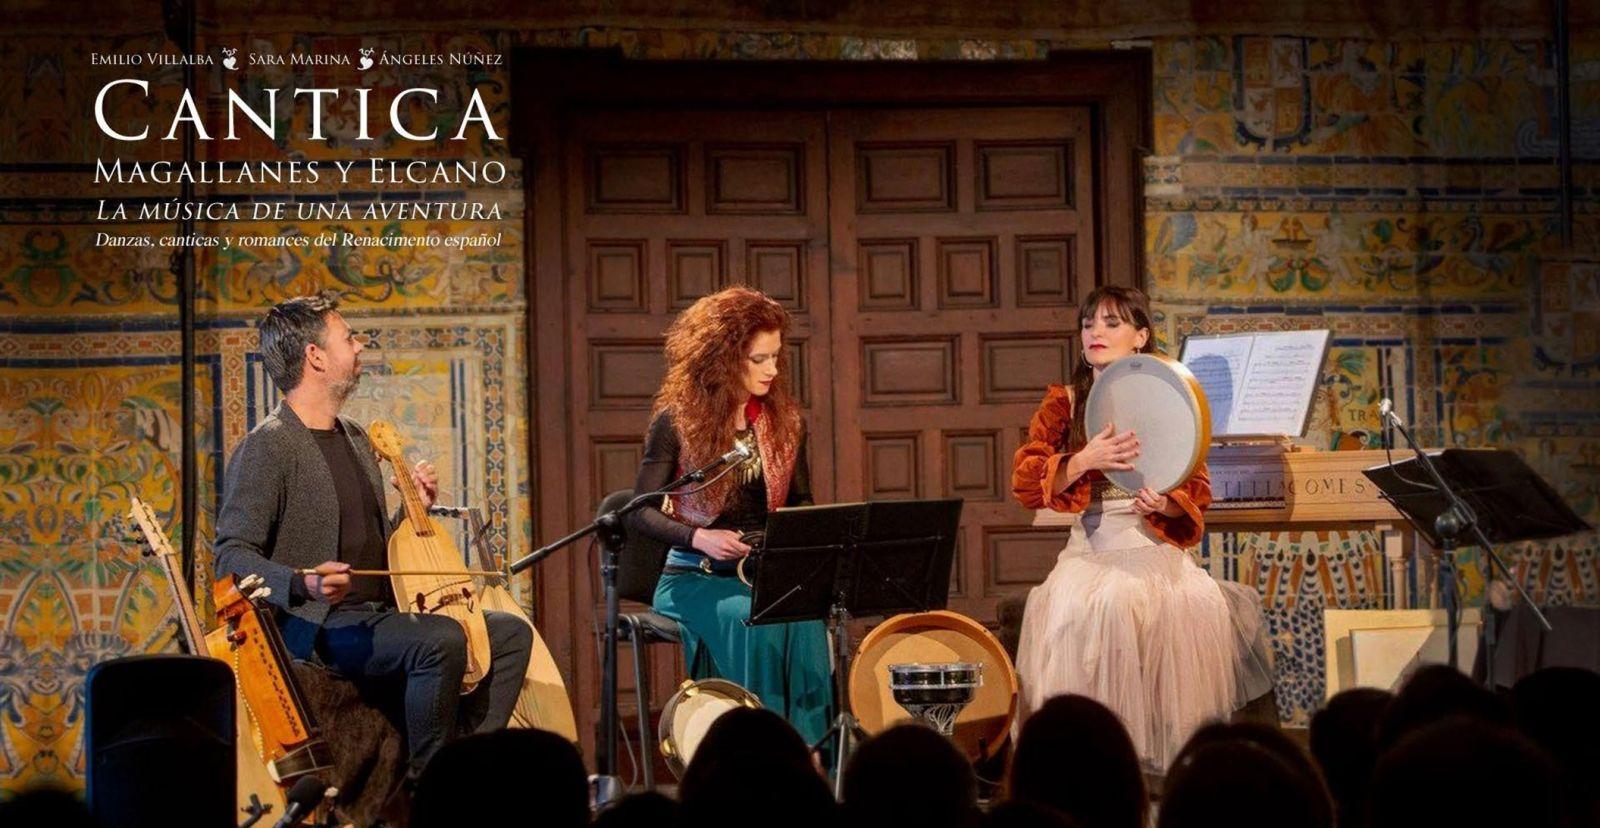 Cantica. Magallanes y Elcano. La música de una aventura.